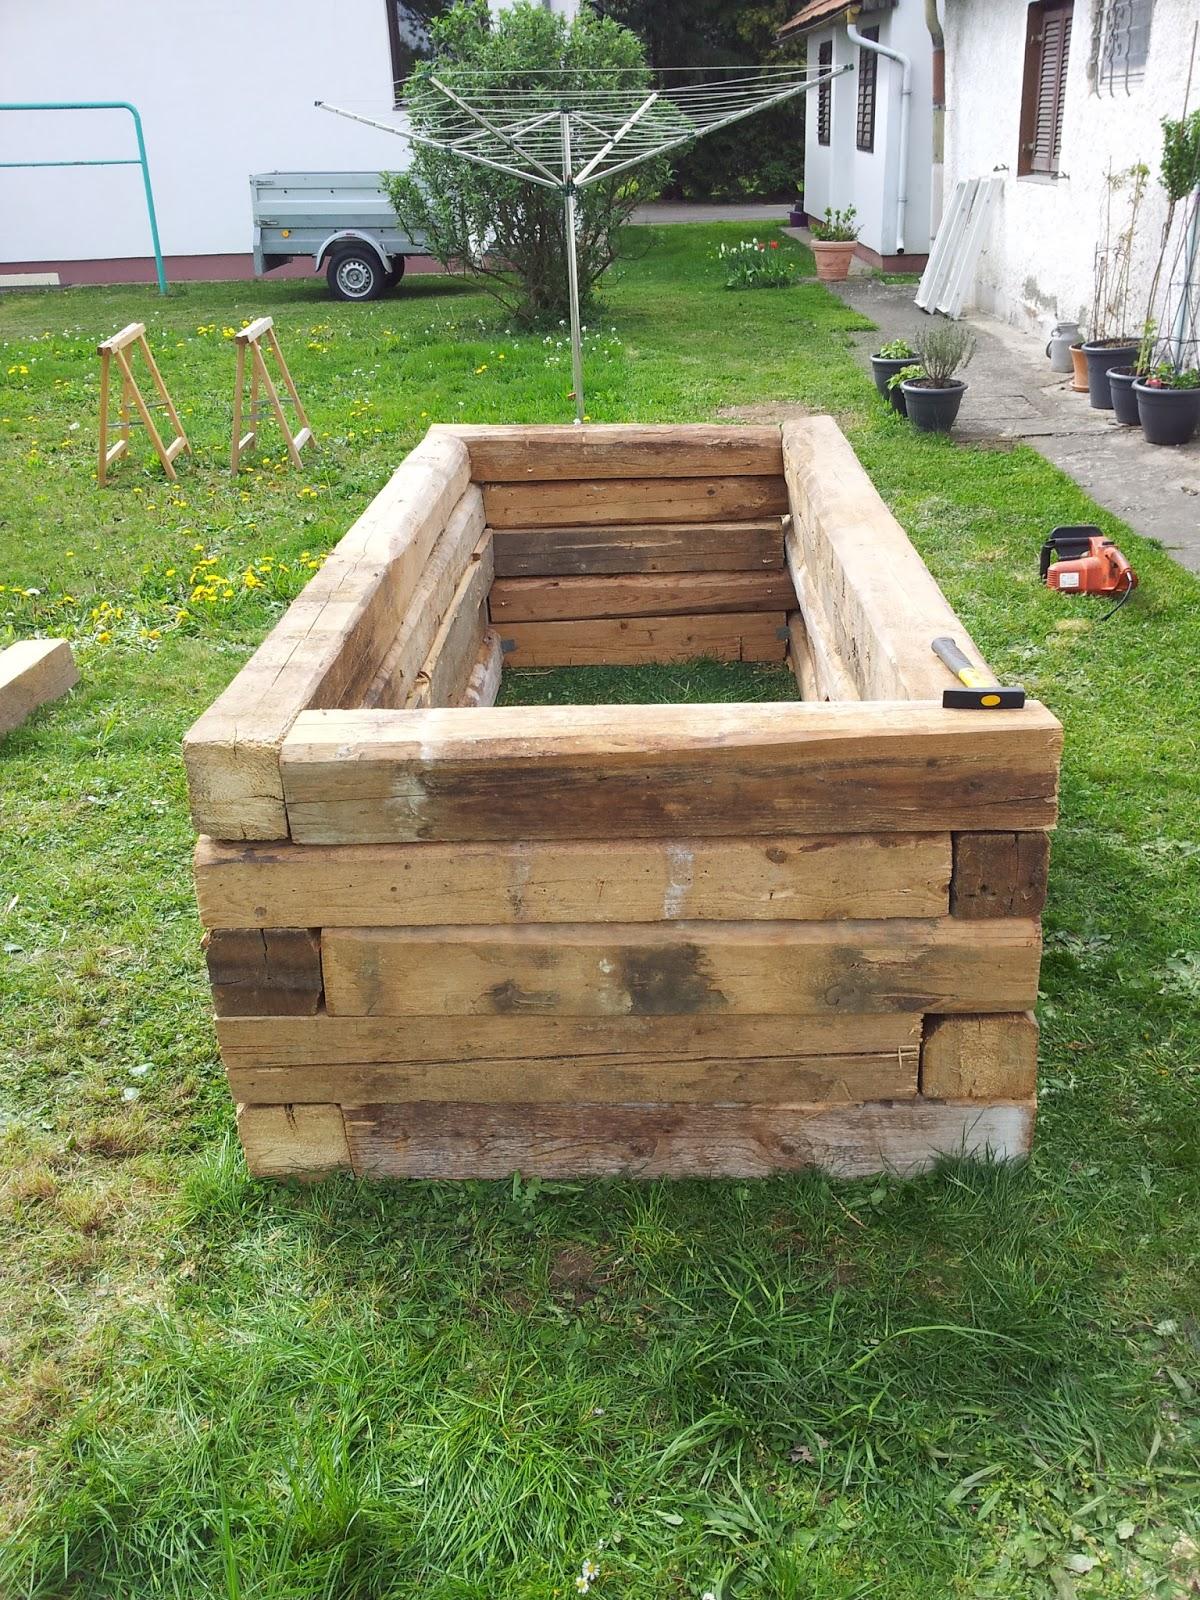 hochbeet bepflanzen hochbeet bepflanzen so w chst das gem se hochbeet bepflanzen. Black Bedroom Furniture Sets. Home Design Ideas